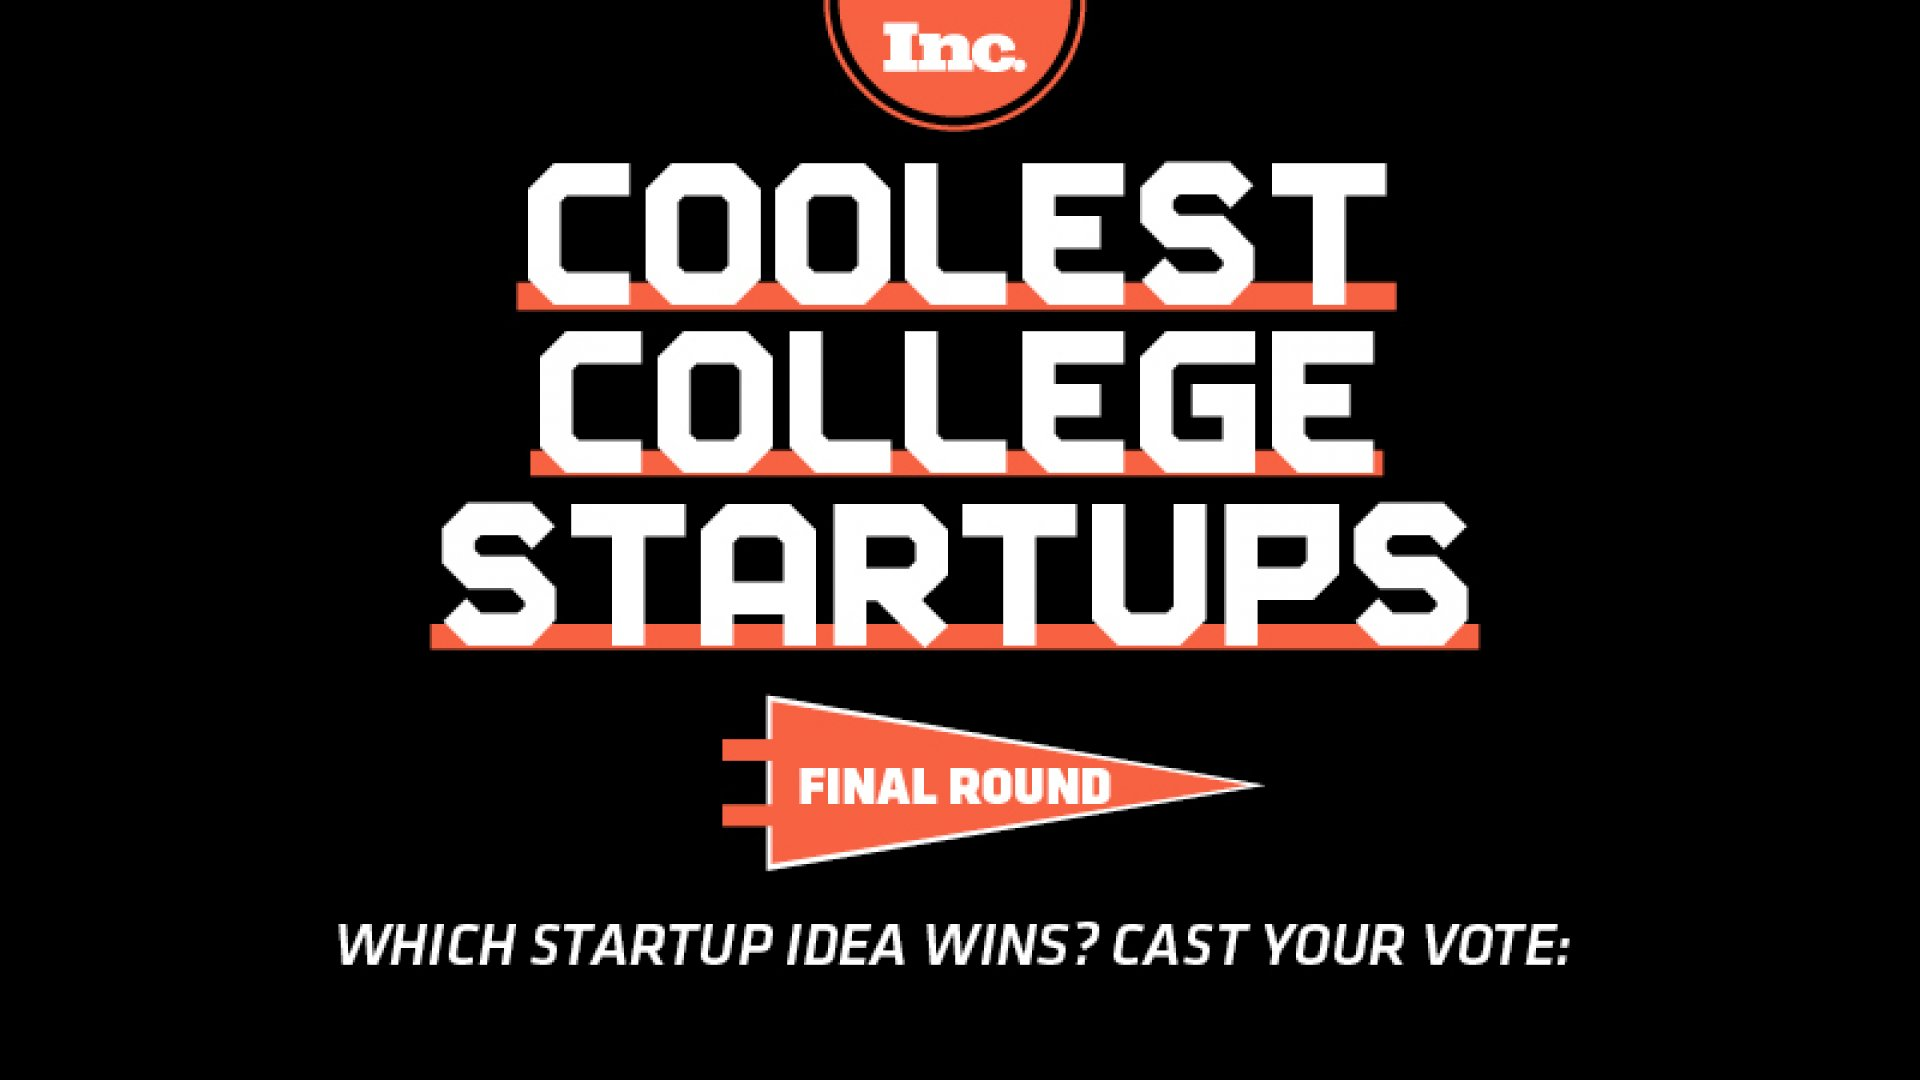 Coolest College Startups Final Round